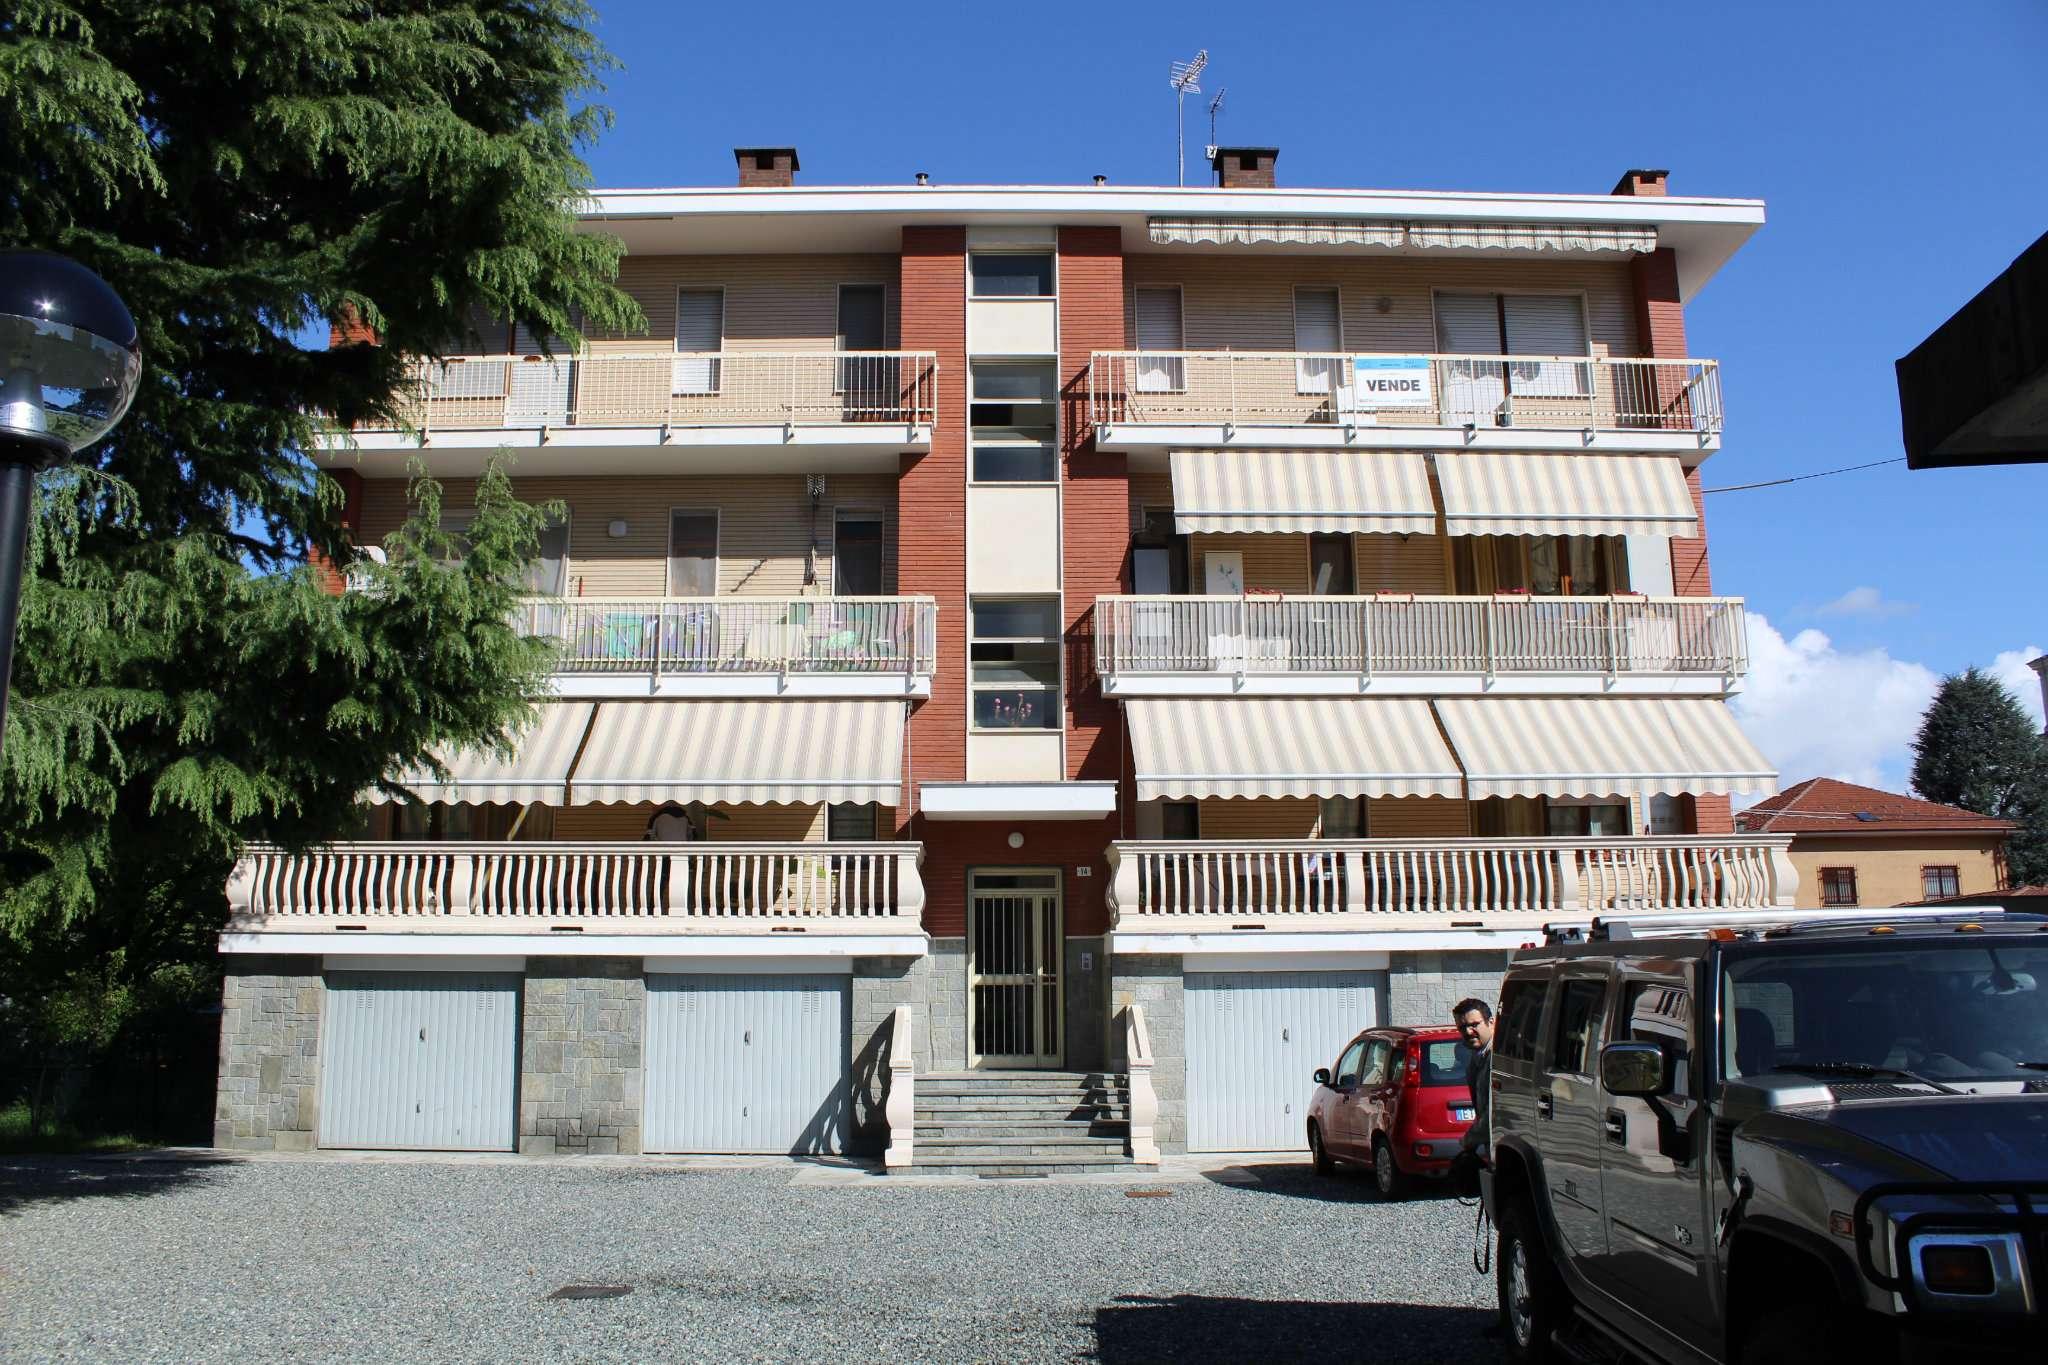 Immagine immobiliare cafasse Vendesi in Via Torino; a due passi dalla piazza principale, in una posizione che rende l' immobile molto luminoso. proponiamo un appartamento al terzo piano composto da ingresso; soggiorno cucinotto, due ampie camere e bagno....